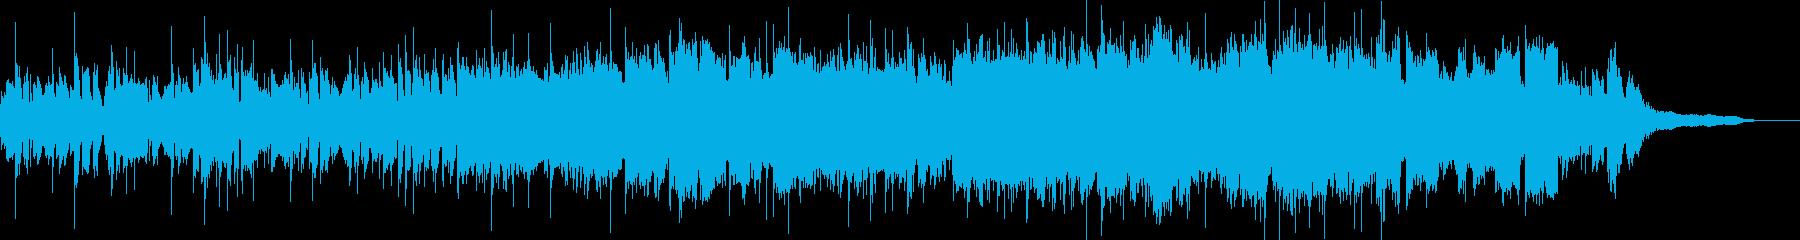 ストリングスと合唱優しく感動的ハートフルの再生済みの波形